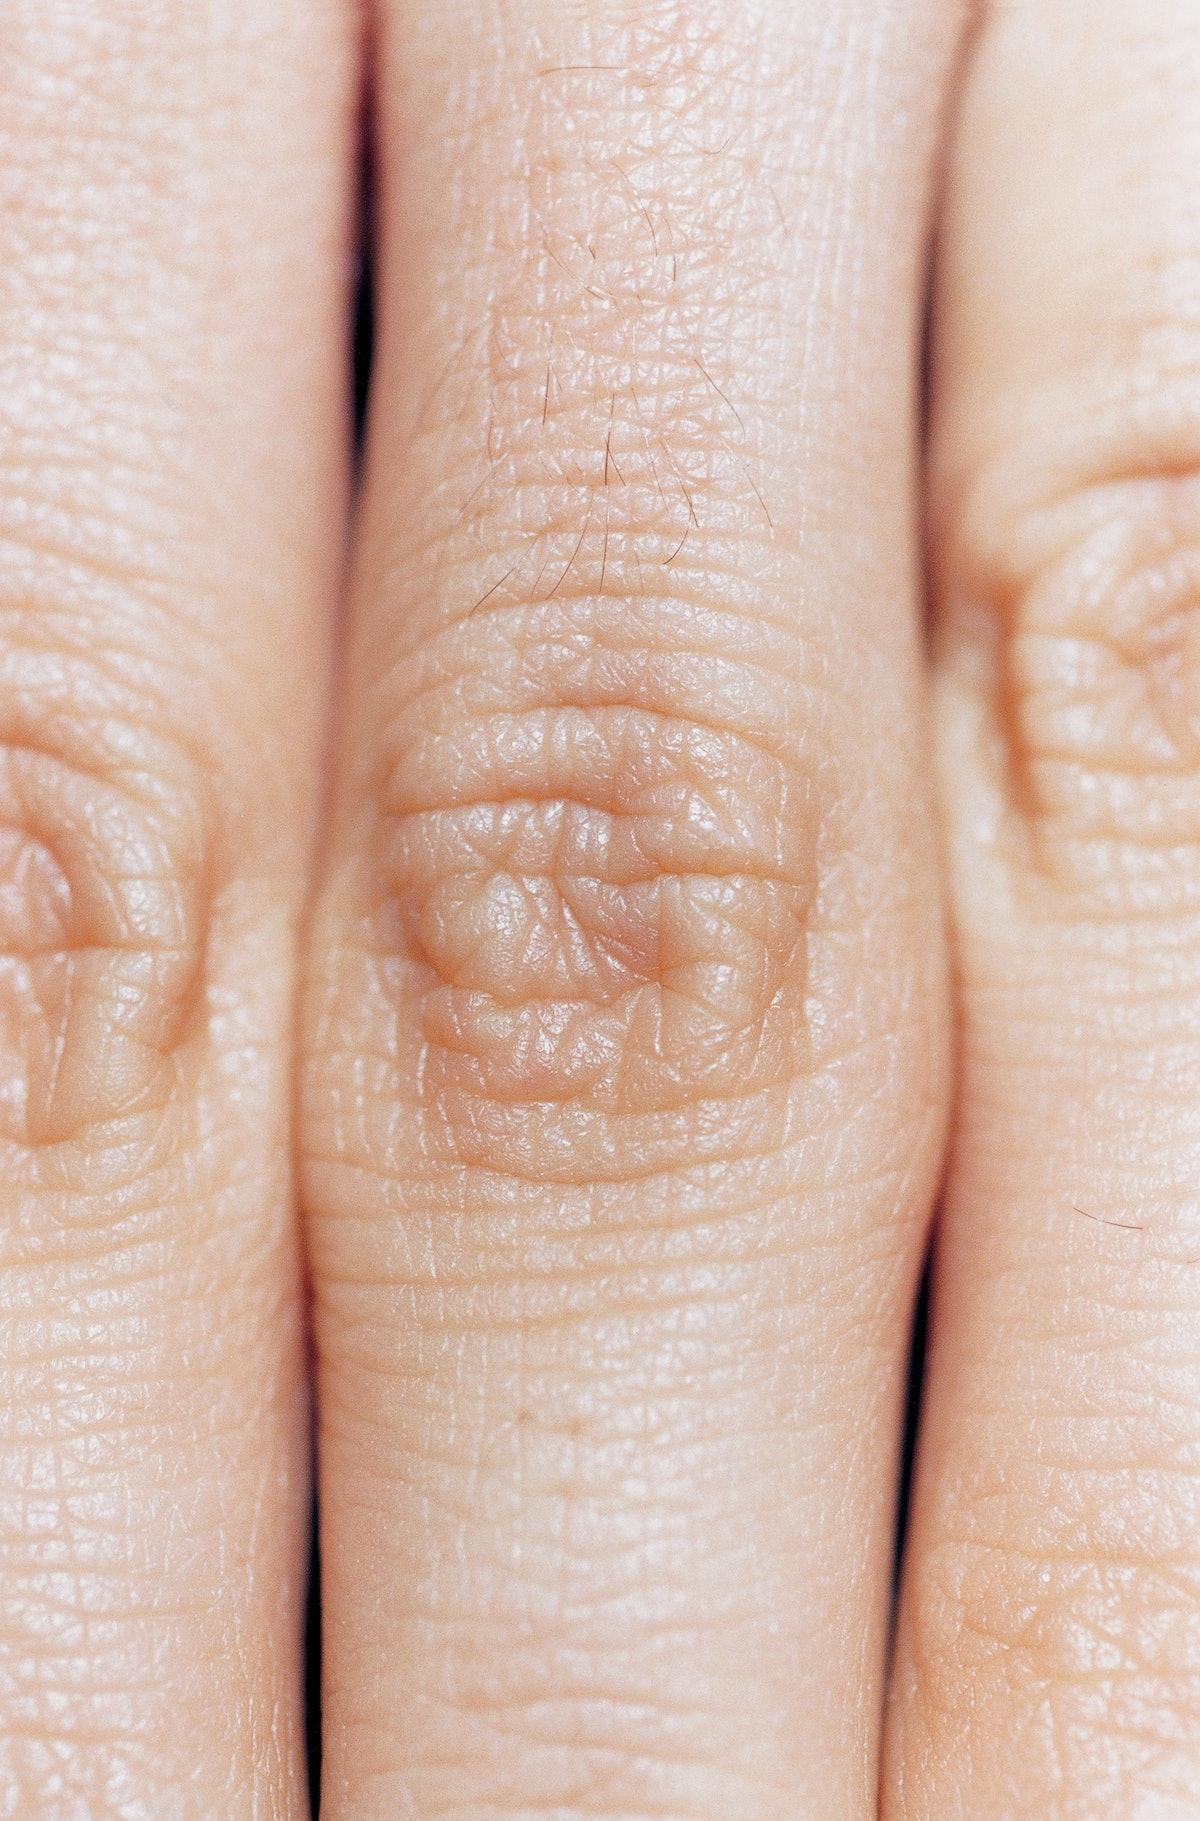 Fingers, 2000 s.jpg